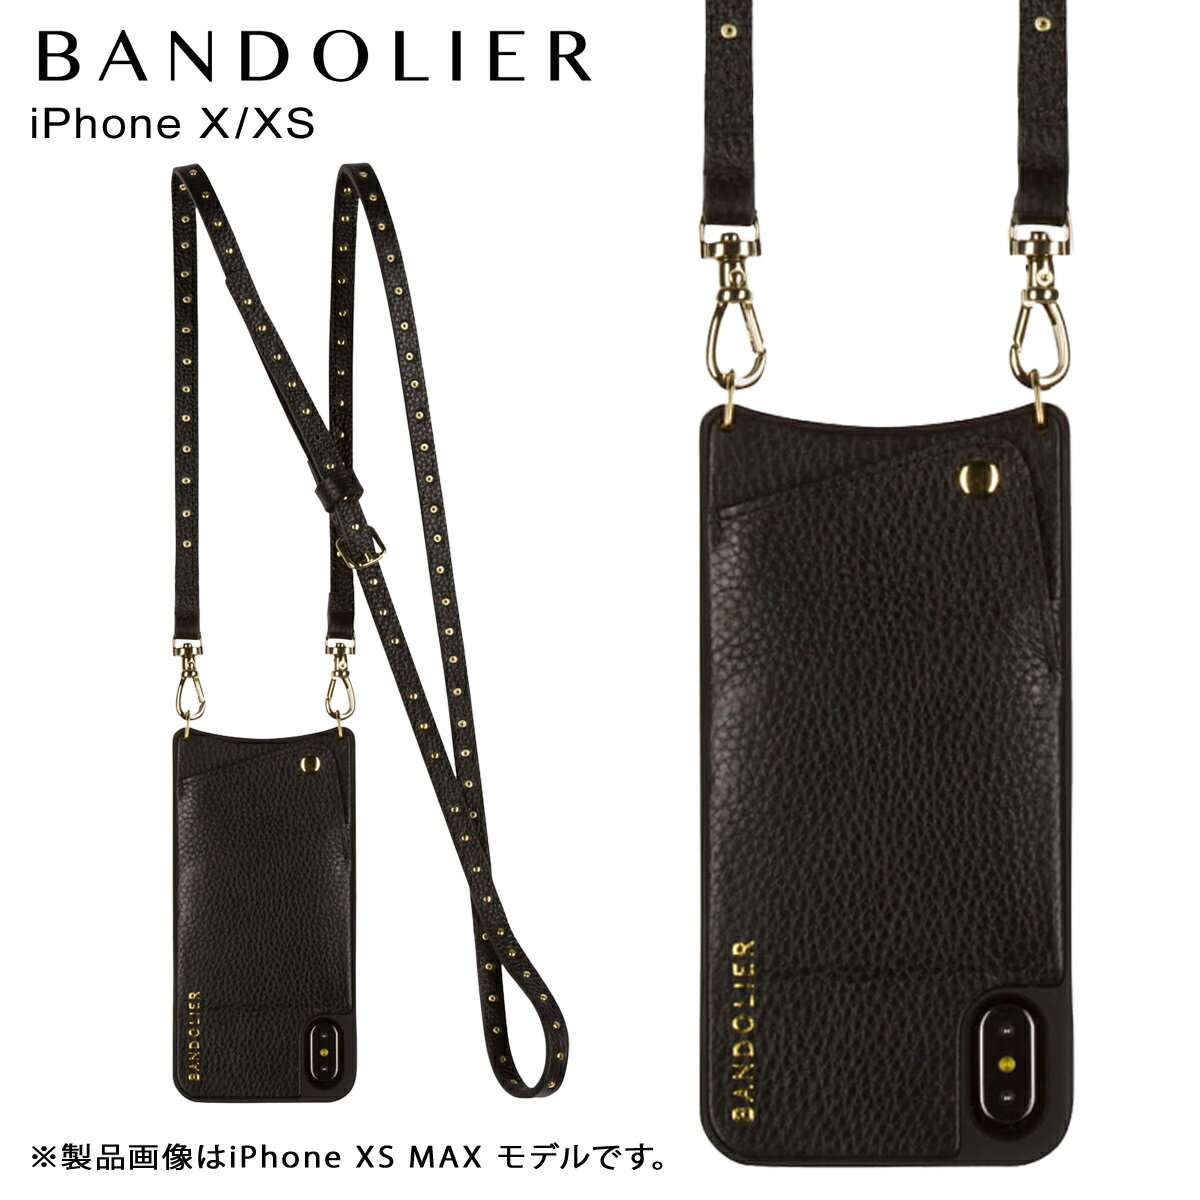 BANDOLIER バンドリヤー iPhone XS X ケース ショルダー スマホ アイフォン レザー NICOLE GOLD メンズ レディース ブラック 10NIC1001 [4/18 再入荷]